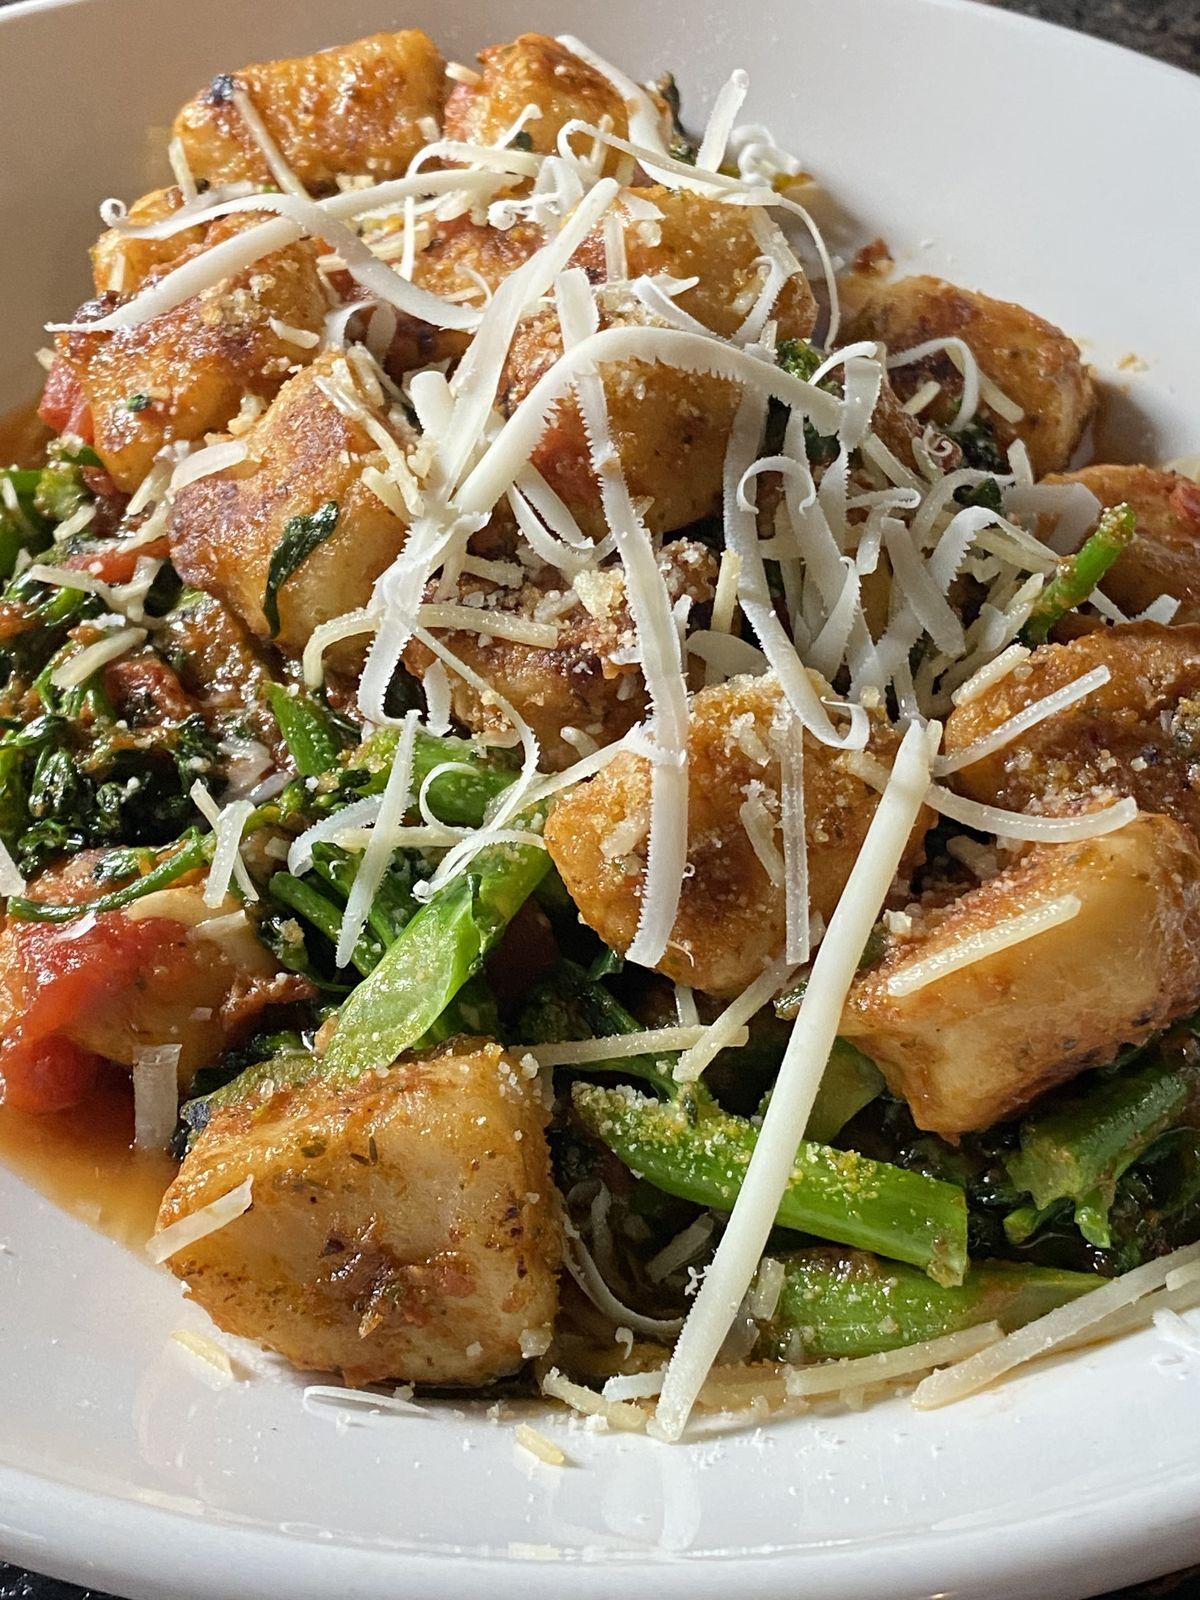 Gnocchi with broccolini, spinach, marinara, and pesto from Granville Moore's